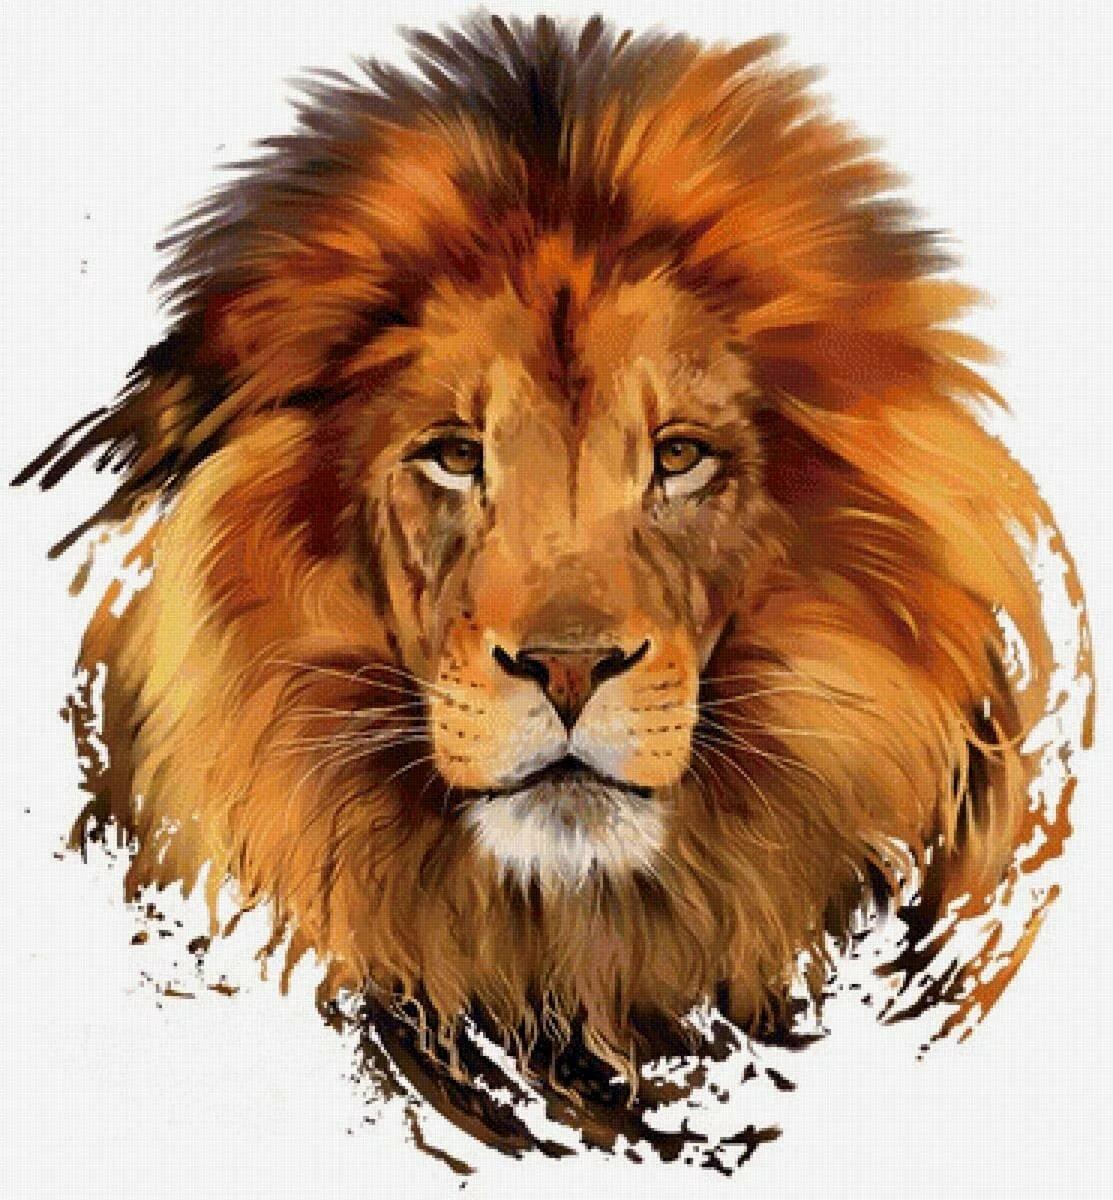 этот голова льва картинка для печати источники следствии утверждают